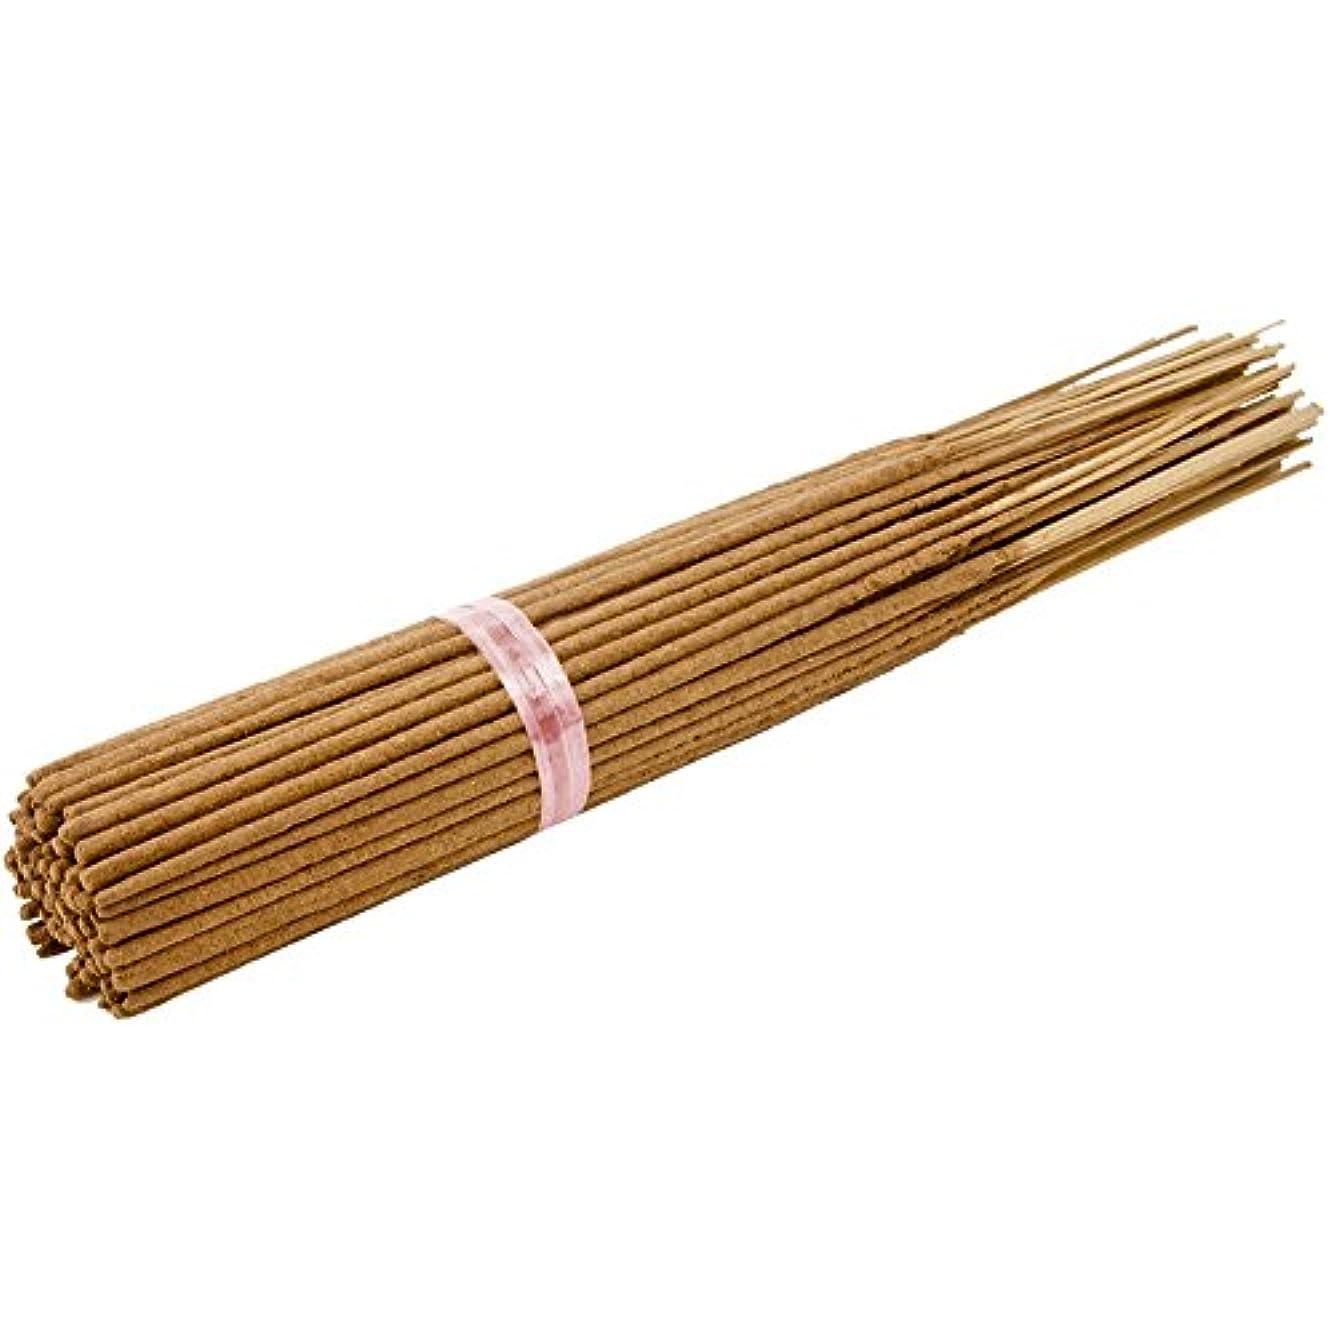 キャプテンブライカテゴリー呪いincense-cherryジャスミン100 ct 11